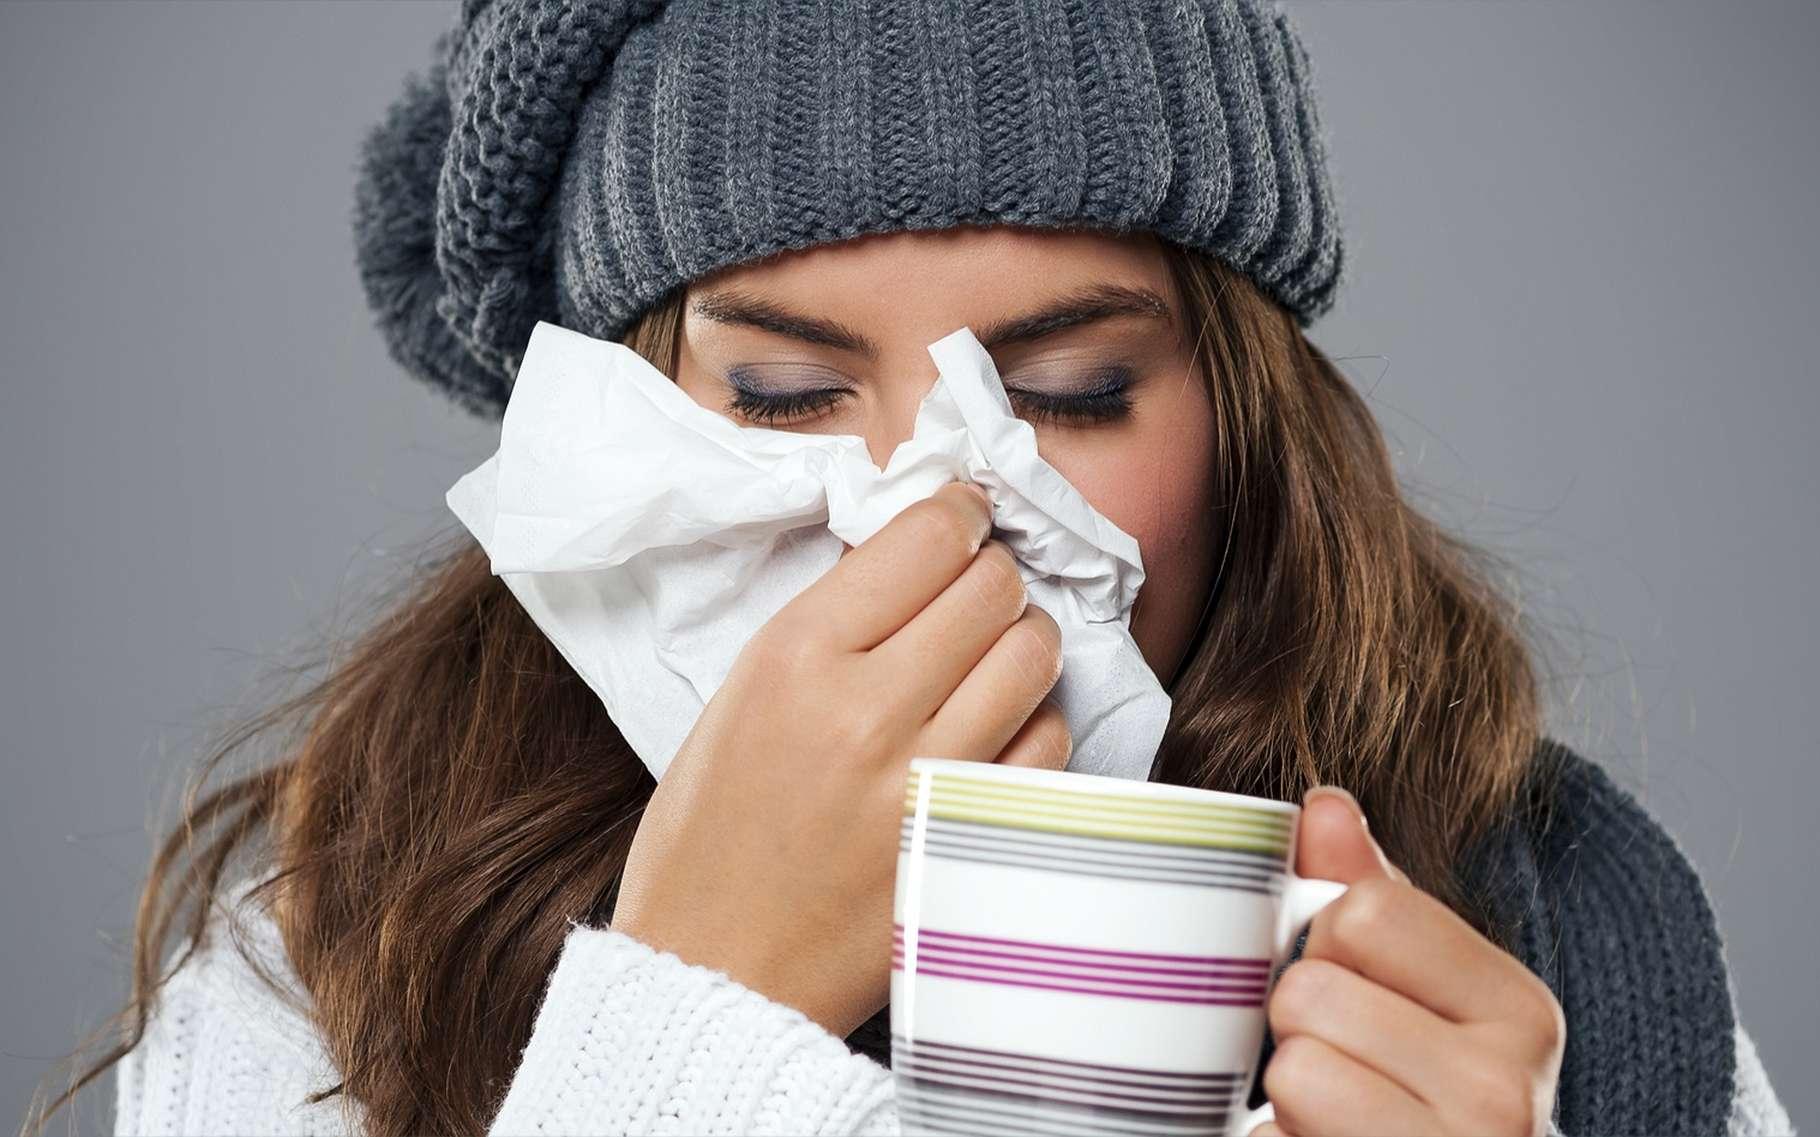 La grippe revient. La campagne de vaccination 2017-2018 a débuté. © gpointstudio, Shutterstock